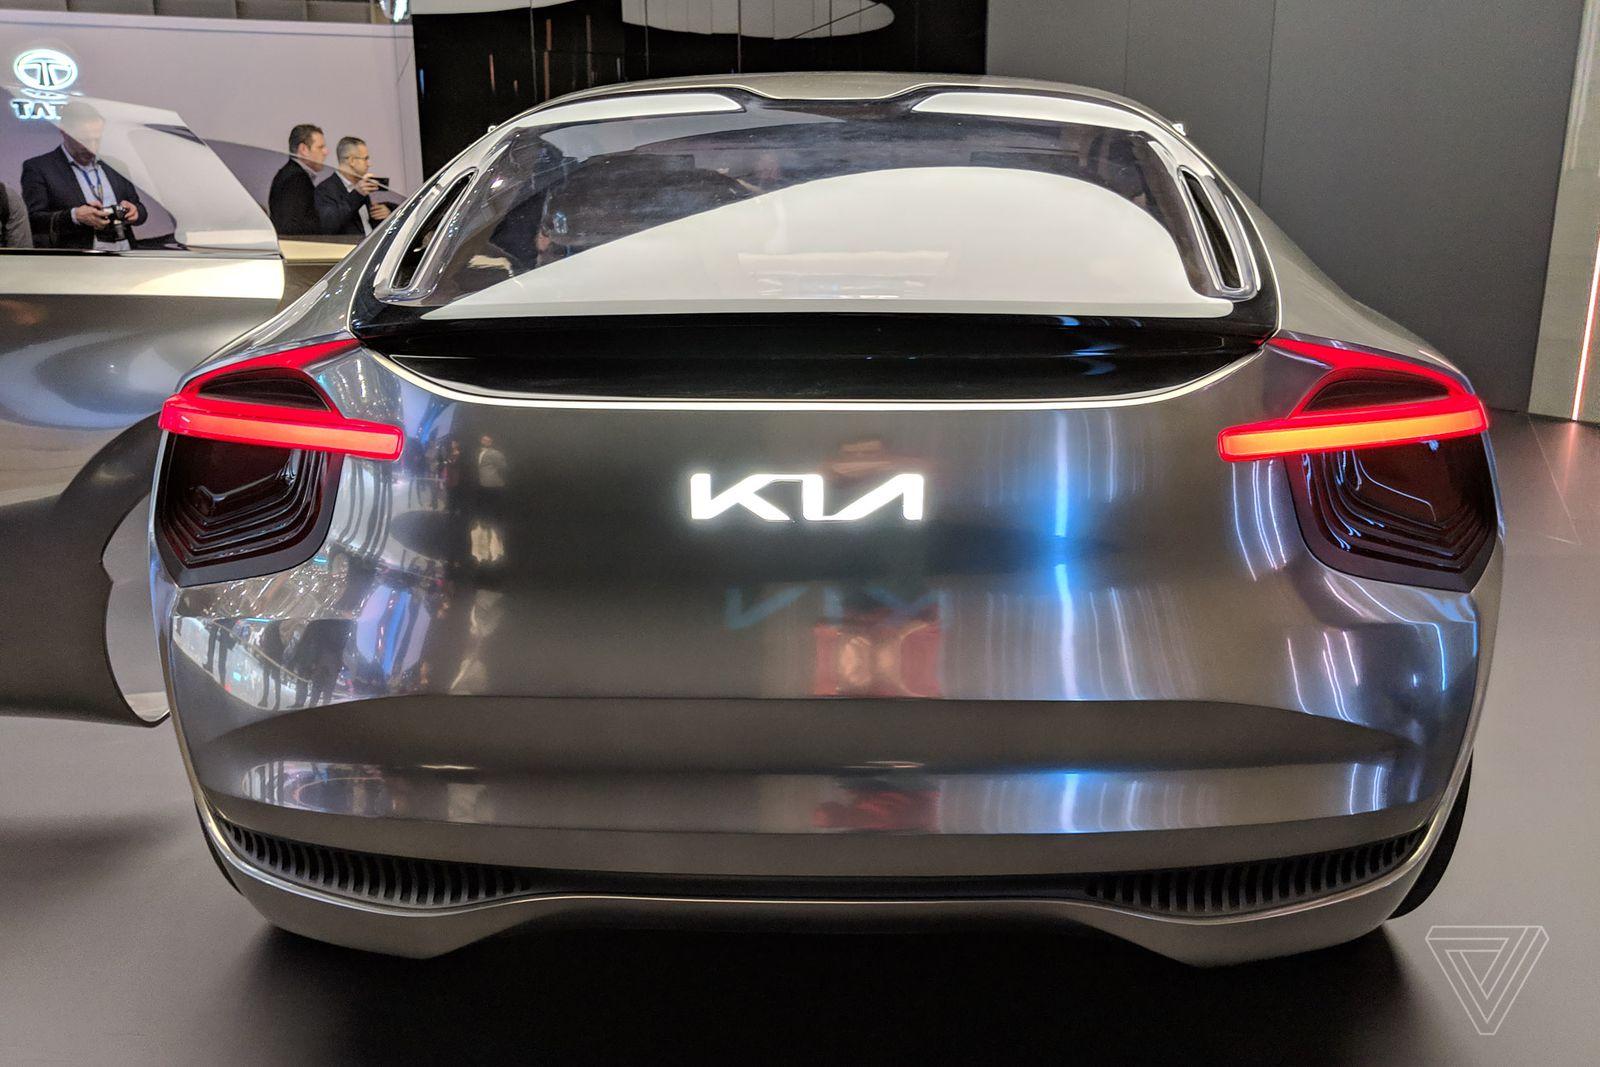 Chiêm ngưỡng concept xe KIA cực dị: có tới 21 màn hình điều khiển - Ảnh 22.